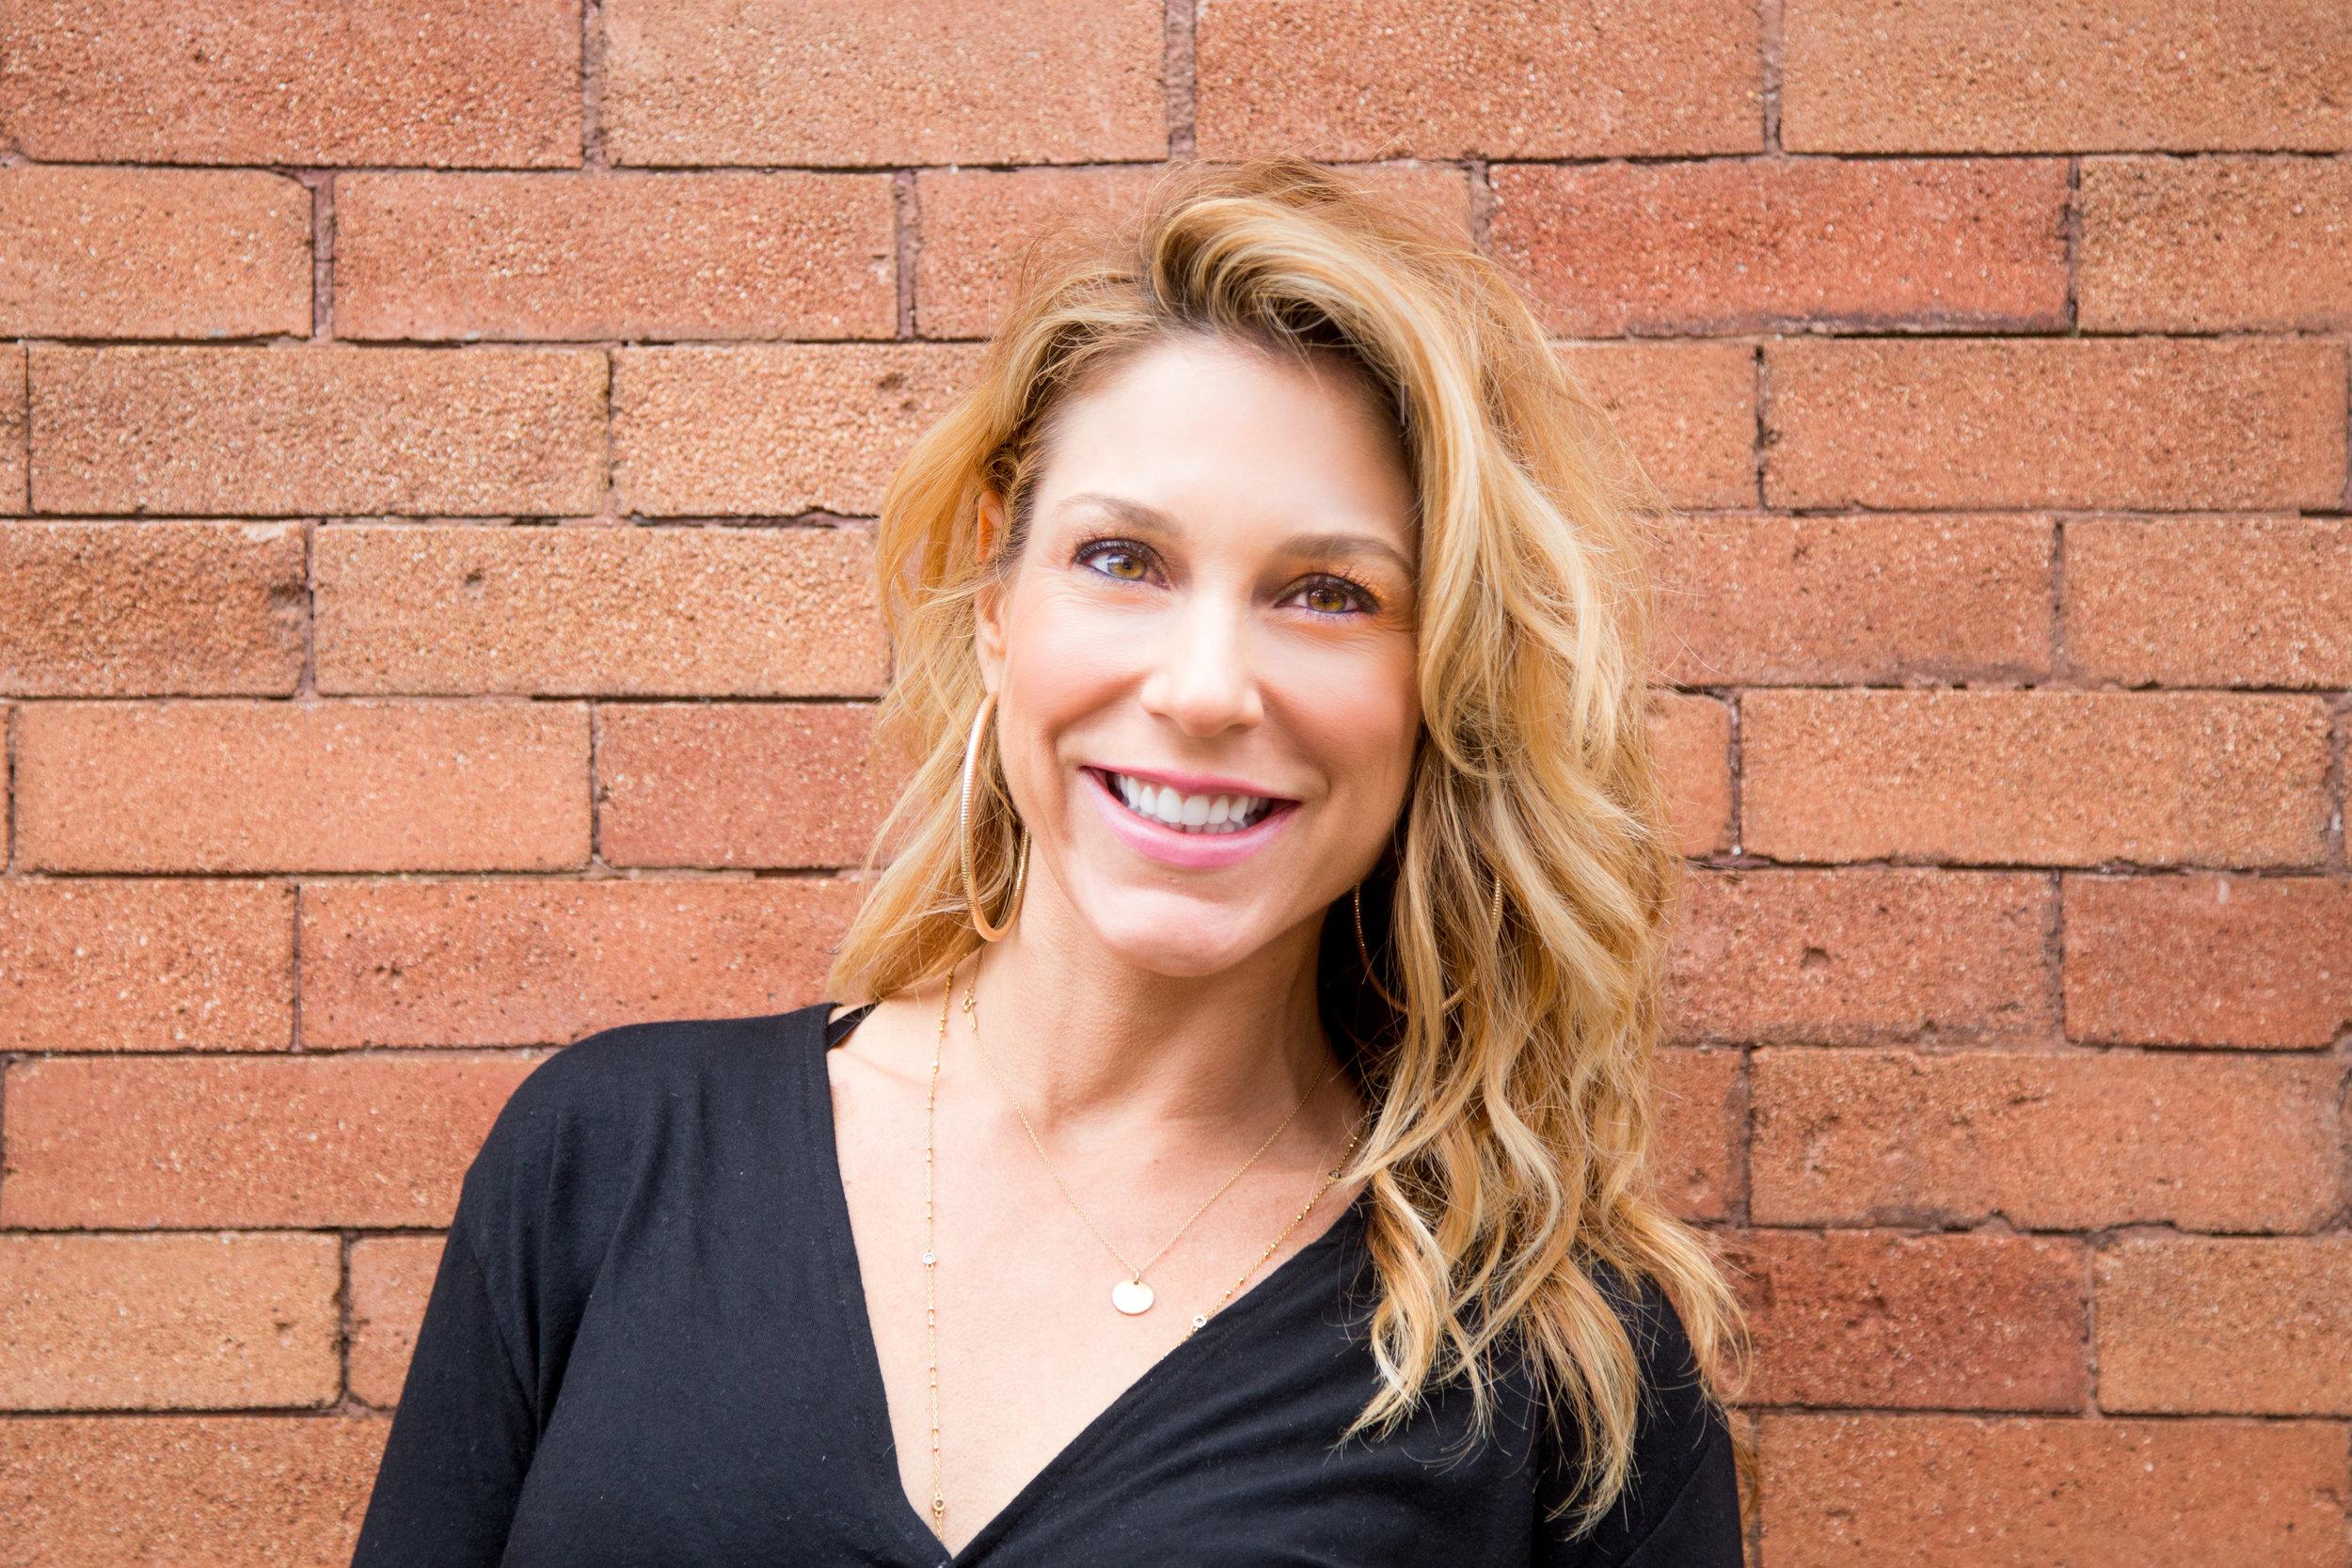 Andreana Ranalli